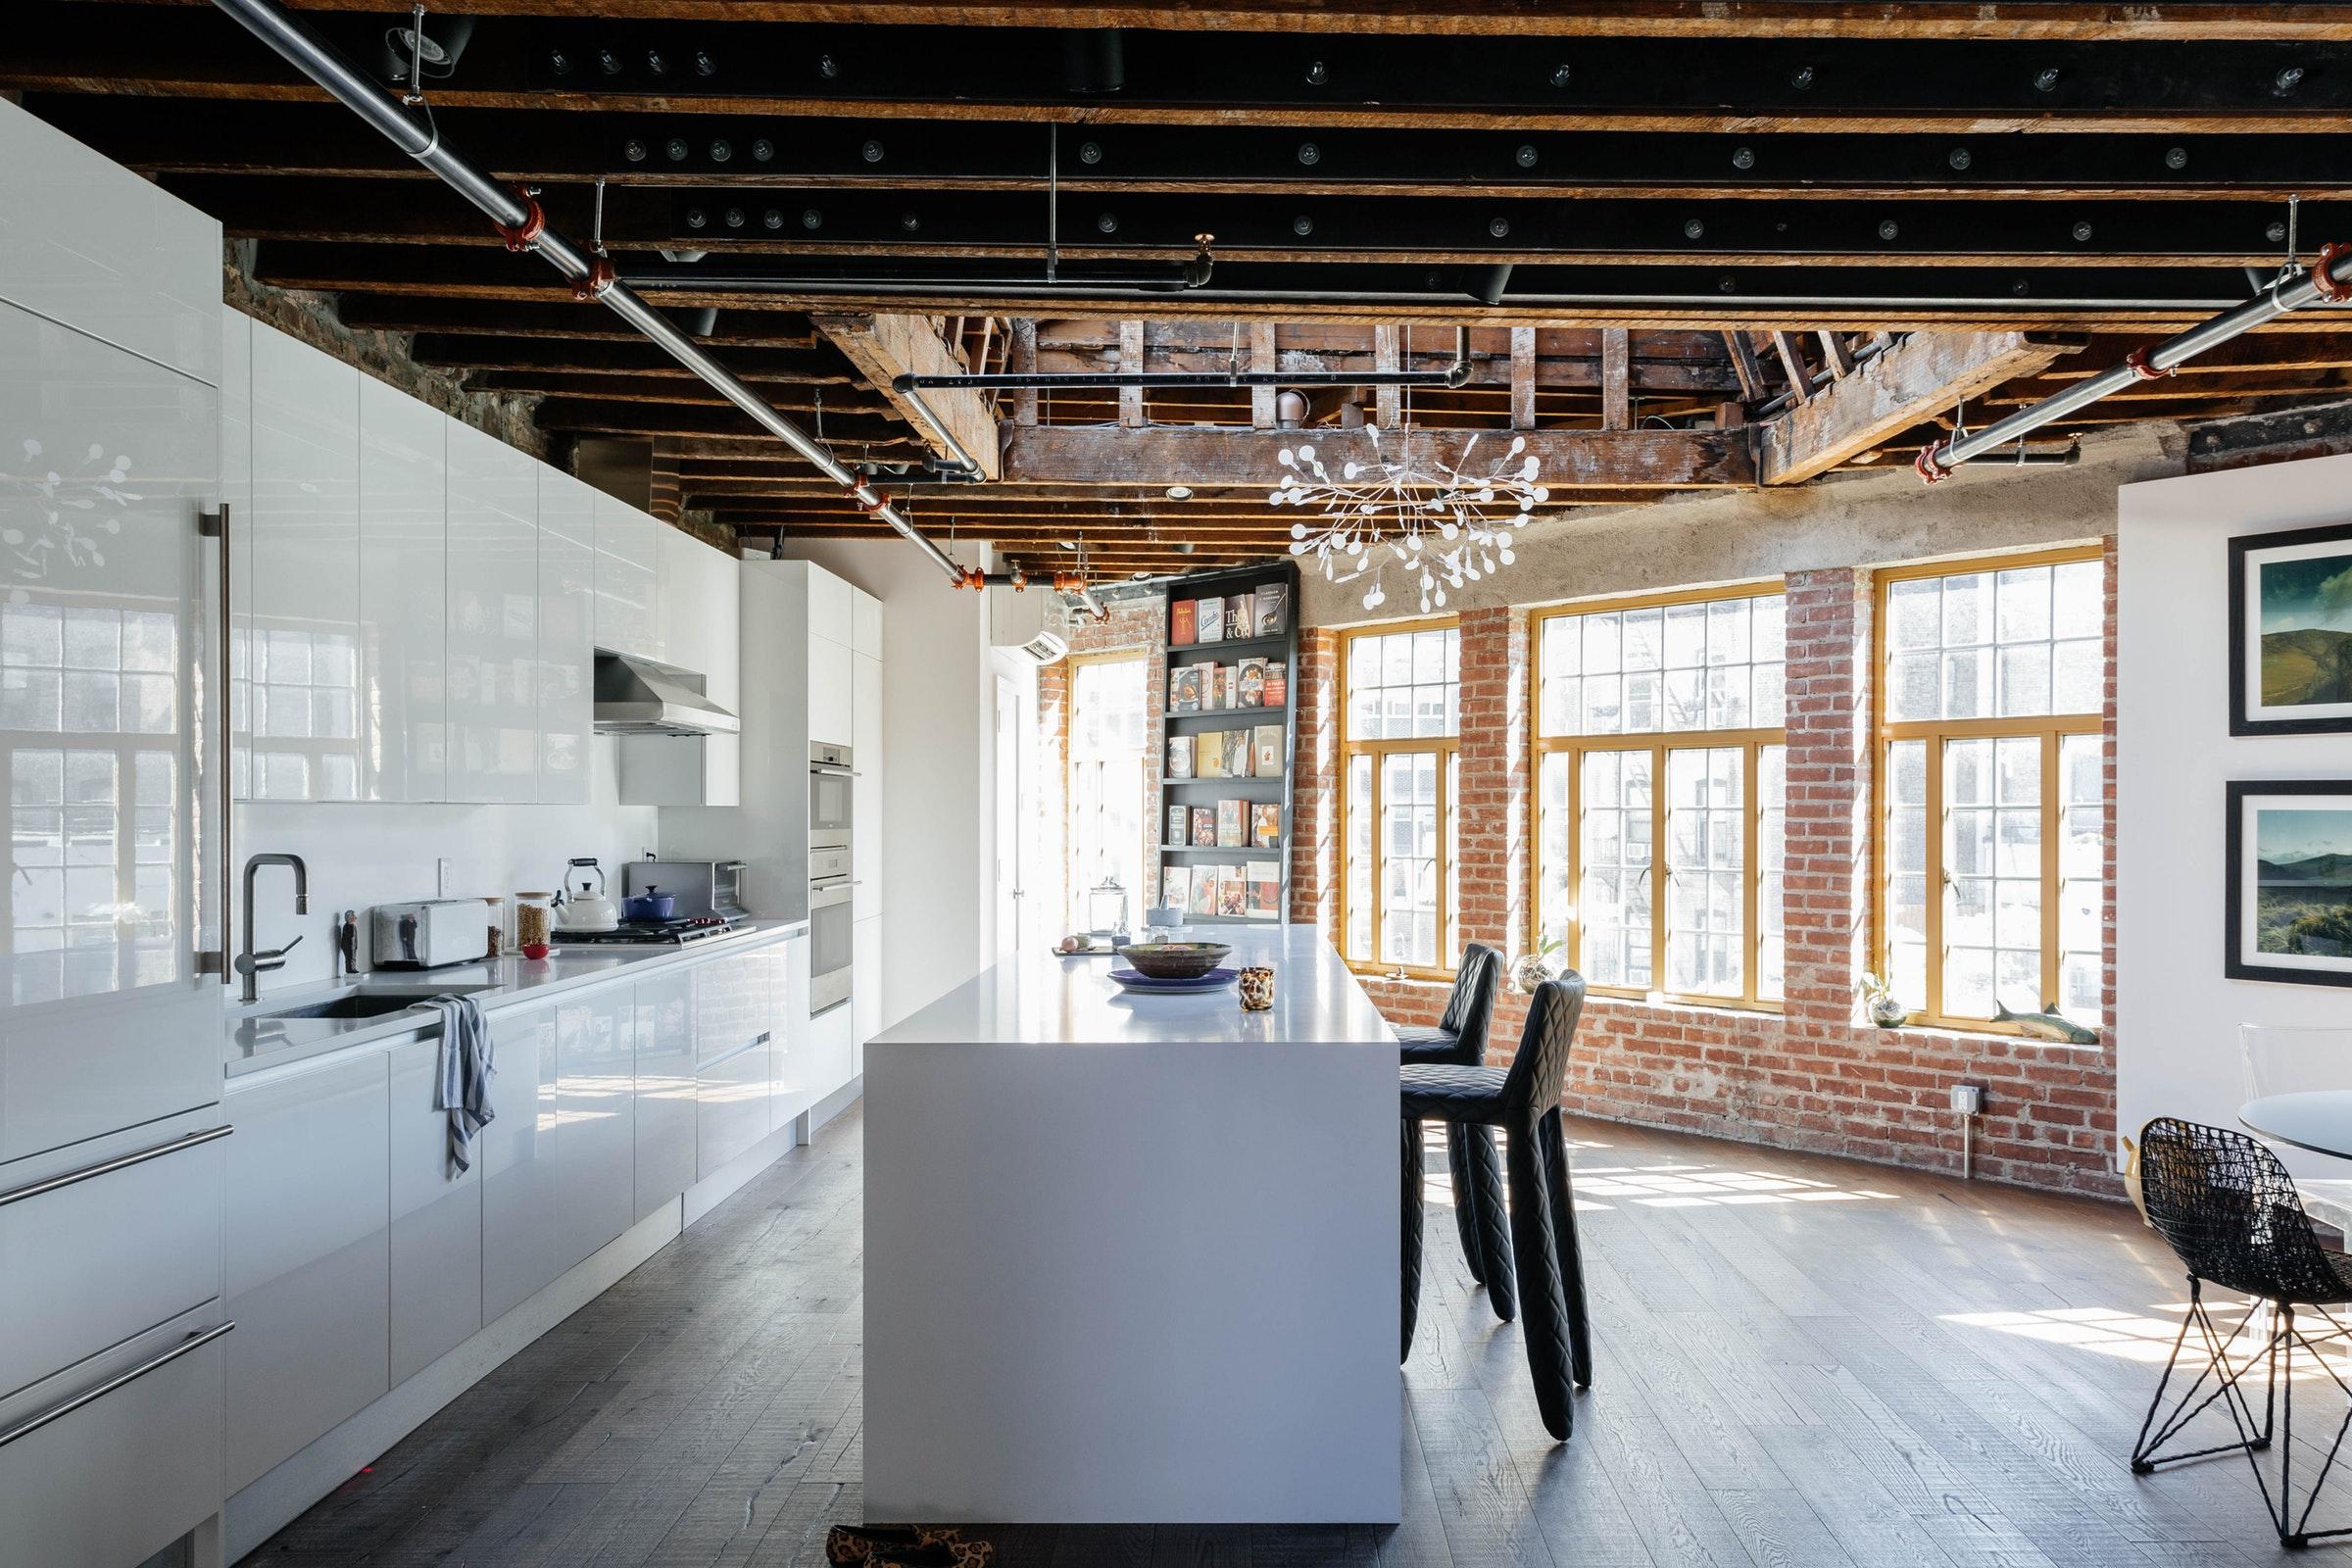 белая кухня кирпич кухонный остров балки окна